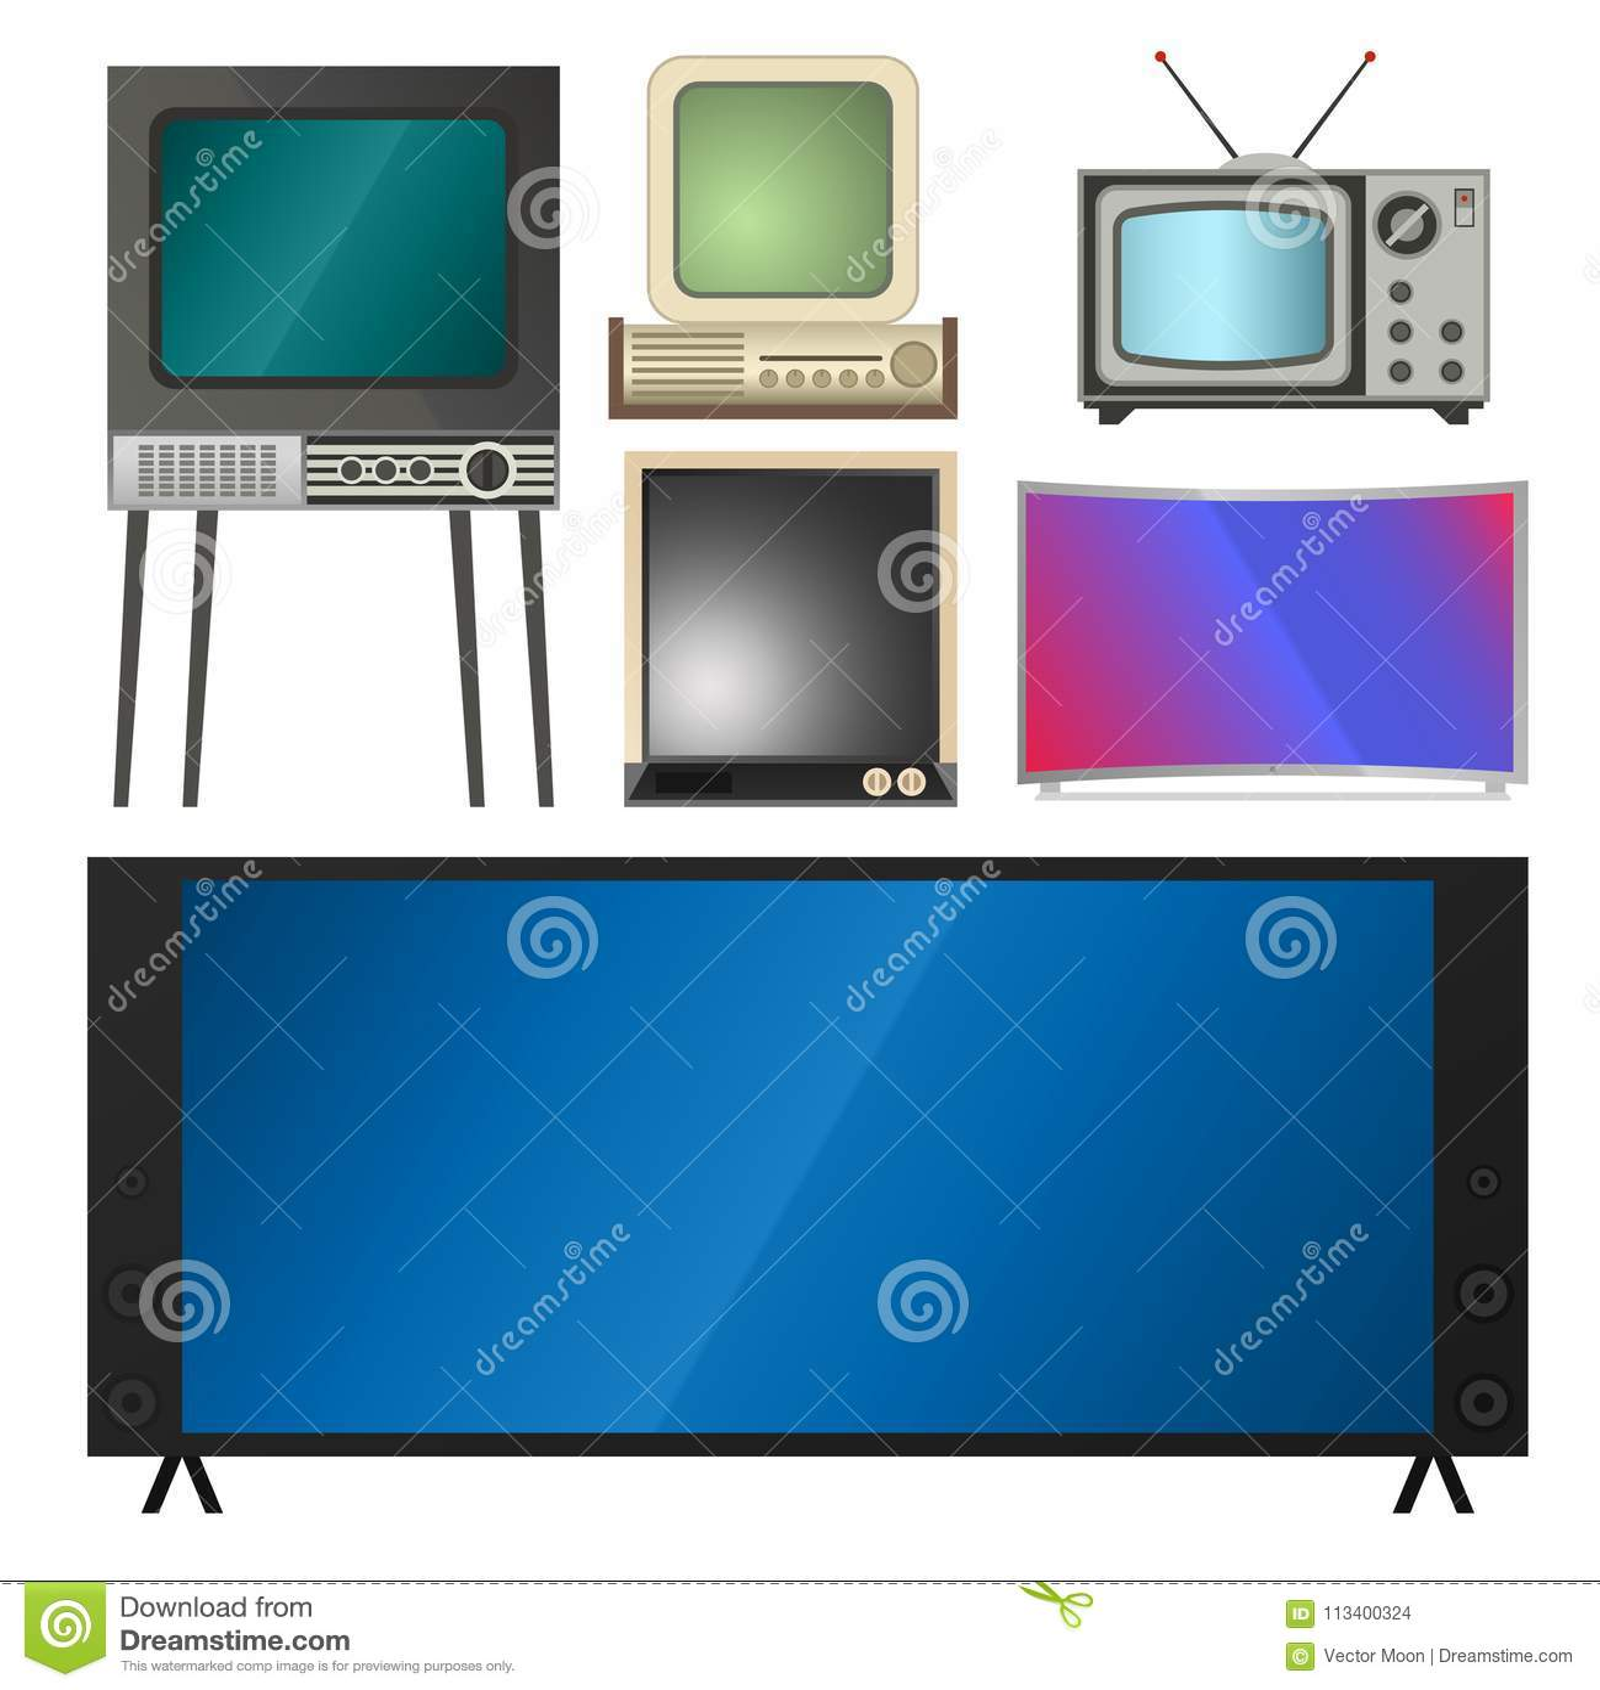 Fernsehvektorschirm lcd-Monitor und Notizbuch, Tablet-Computer, Retro- Schablonen Fernsehen der elektronischen Geräte sortiert in